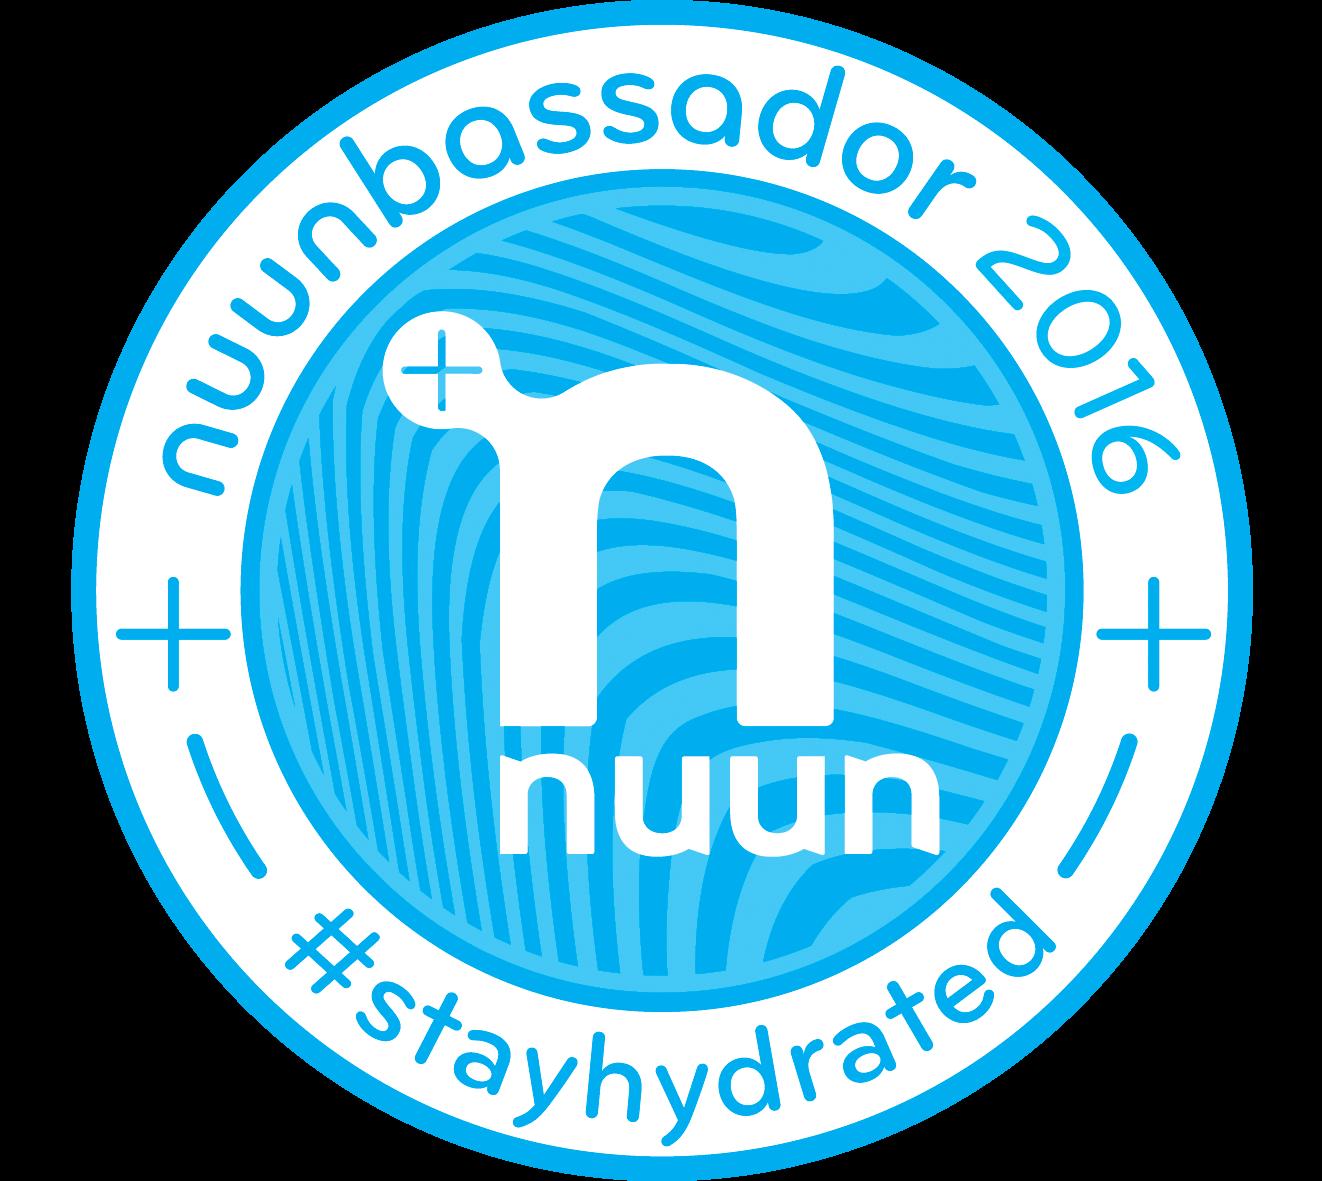 #nuunbassador #nuunlove